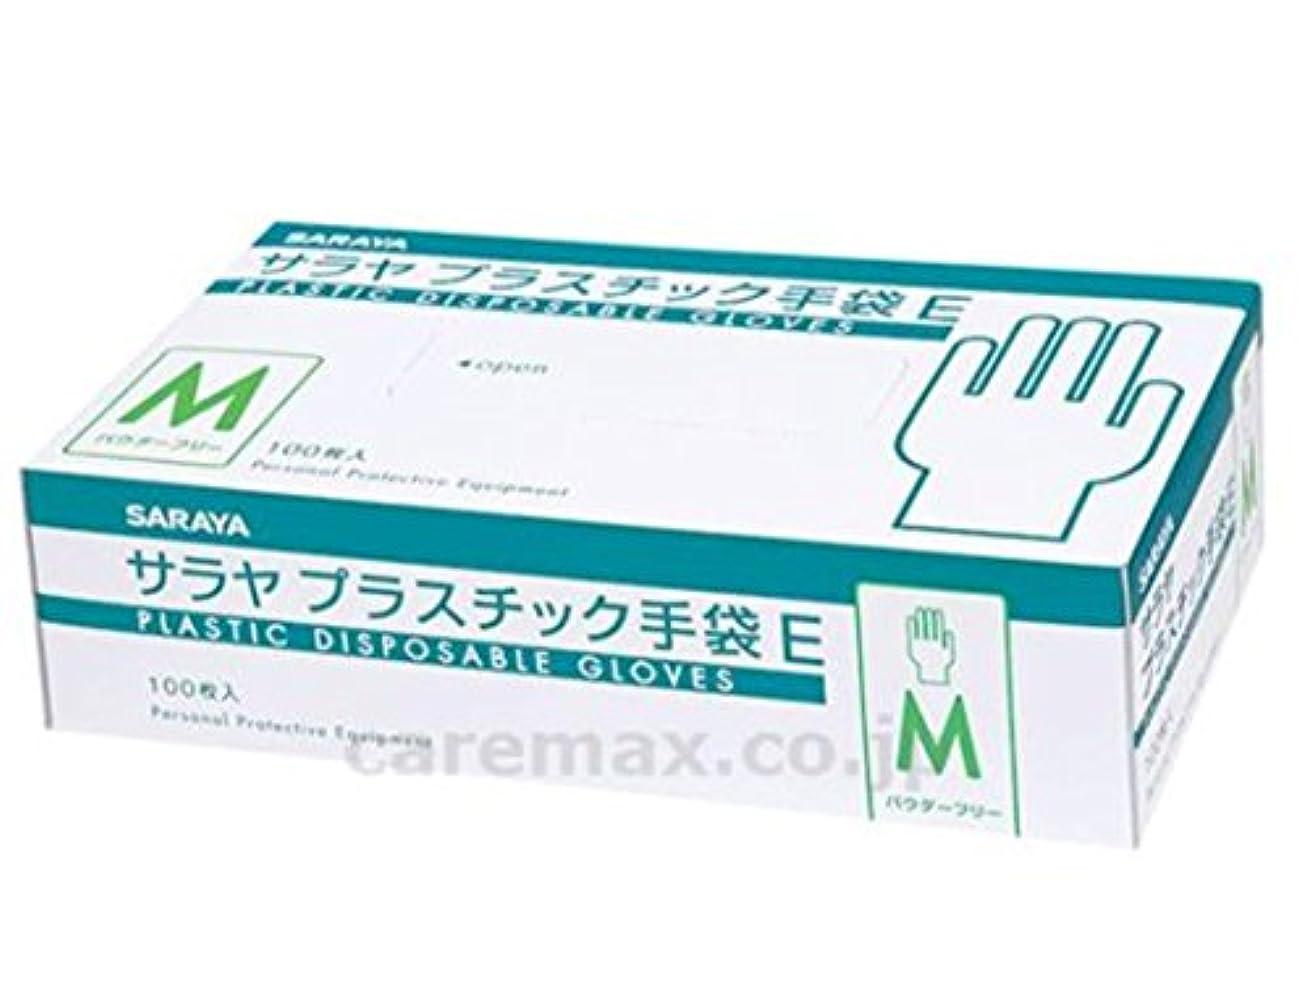 水銀のコイル着飾るサラヤ 使い捨て手袋 プラスチック手袋E 粉なし Mサイズ 100枚入